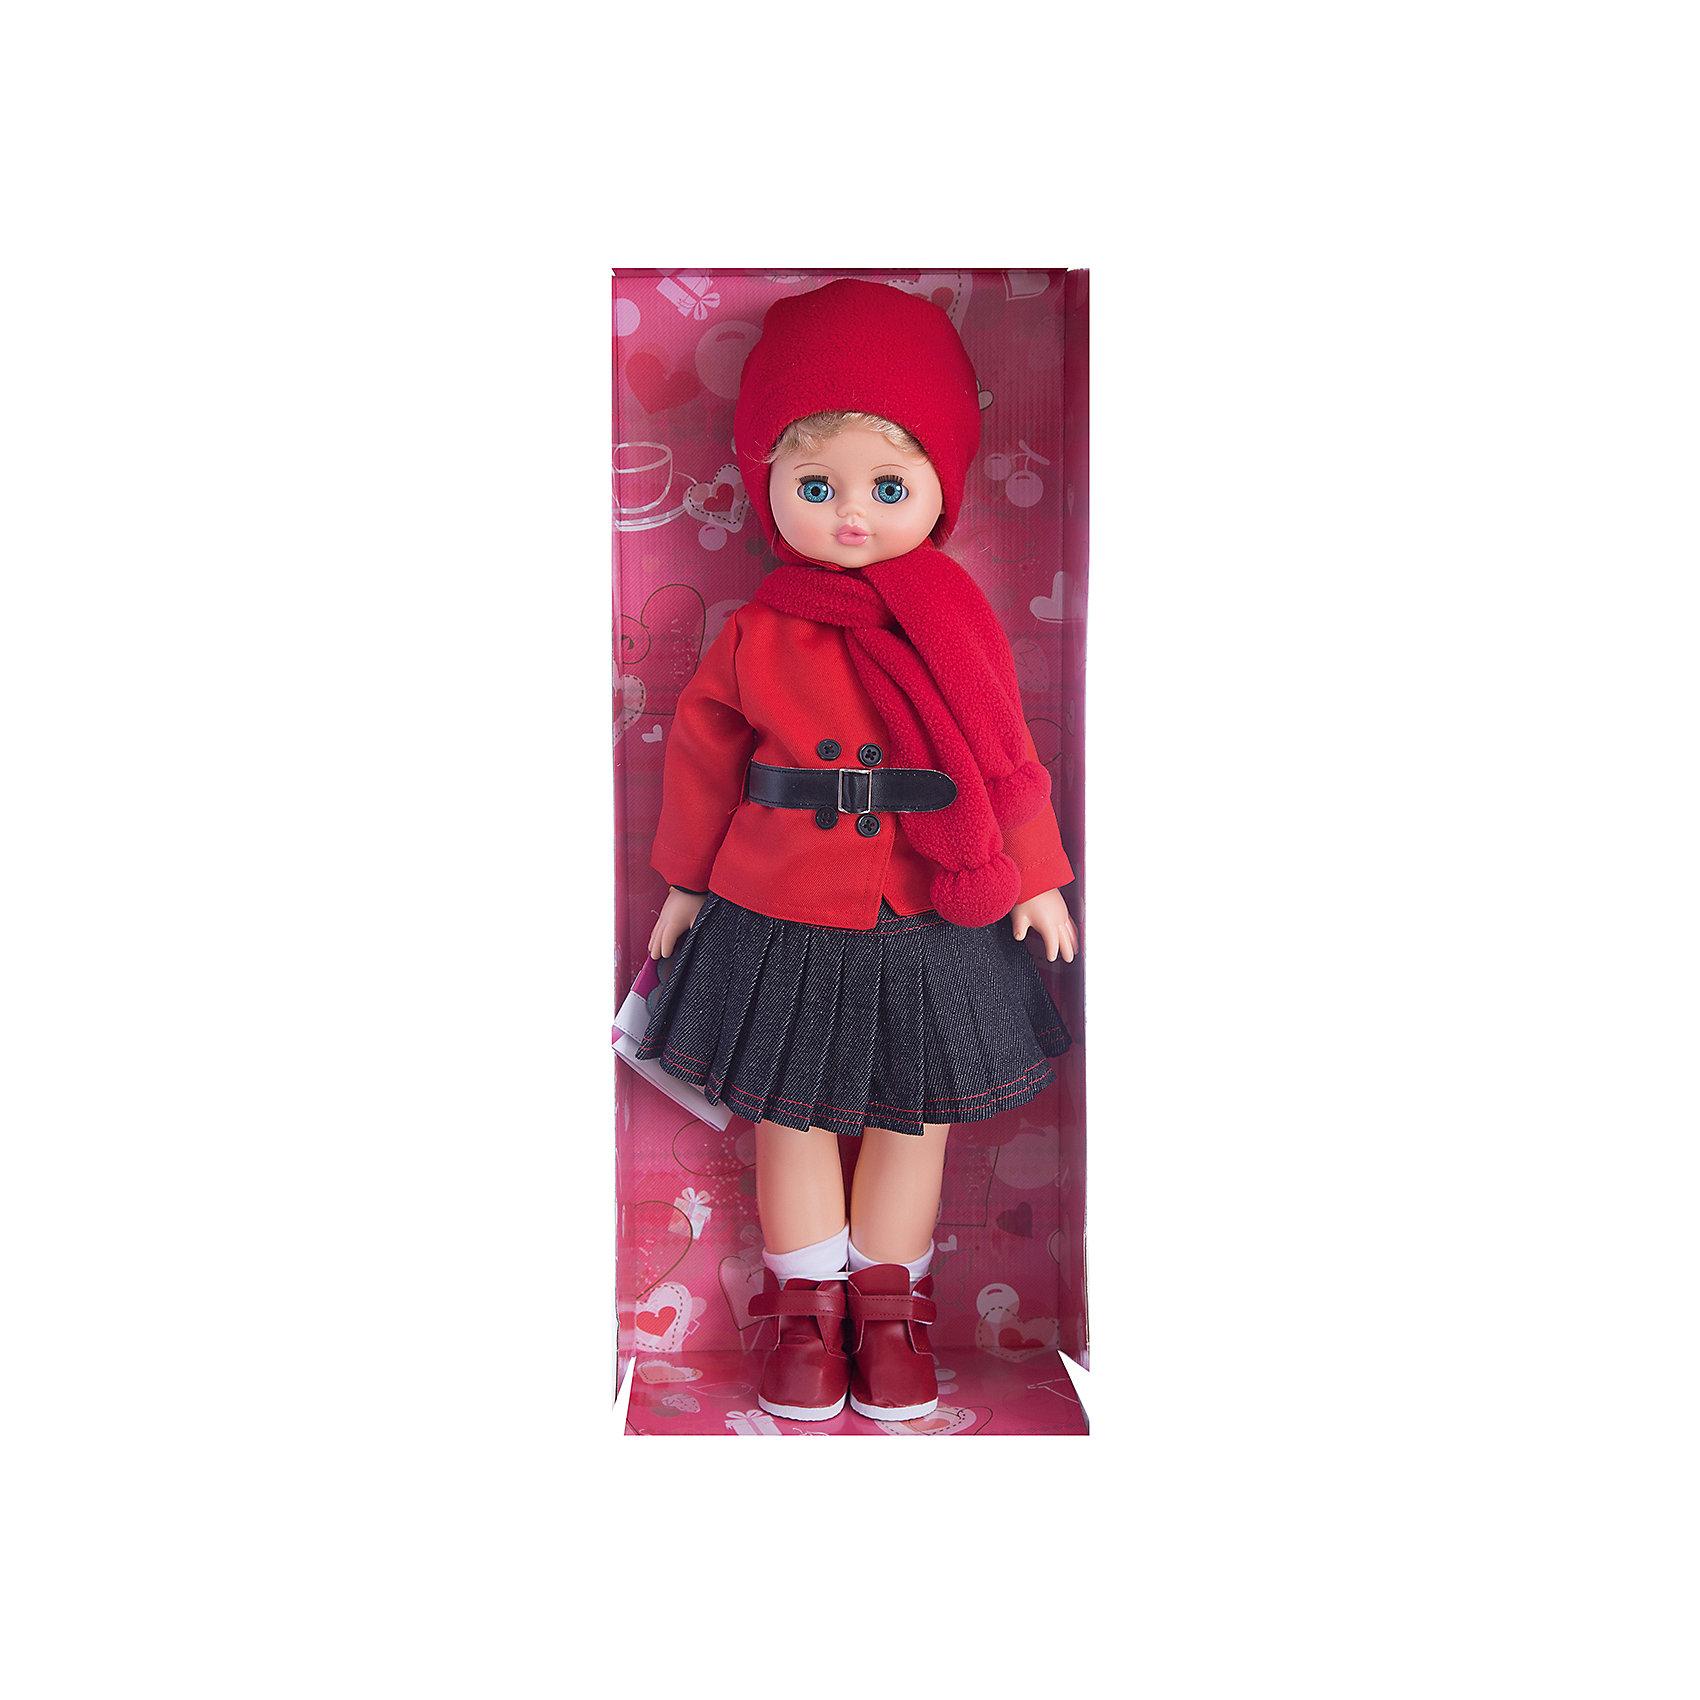 Кукла Алиса 29, со звуком, ВеснаИнтерактивные куклы<br>Кукла Алиса 29 со звуком от марки Весна<br><br>Красивая и качественная кукла от отечественного производителя способна не просто помочь ребенку весело проводить время, но и научить девочку одеваться по сезону. На ней - теплый костюм с шапкой и ботинки, всё можно снимать и надевать.<br>Кукла произносит несколько фраз, механизм работает от батареек, которые идут в комплекте. Также игрушка оснащена механизмом, имитирующем ходьбу: если потянуть куклу за руку, она будет переставлять ноги, а если положить на спину - закроются глаза. Сделана игрушка из качественных и безопасных для ребенка материалов.<br><br>Отличительные особенности куклы:<br><br>- материал: пластмасса;<br>- волосы: прошивные;<br>- механизм движения;<br>- звуковой модуль;<br>- голова поворачивается;<br>- руки и ноги гнутся;<br>- снимающаяся одежда и обувь;<br>- закрывающиеся глаза;<br>- высота: 55 см.<br><br>Комплектация:<br><br>- шапка;<br>- шарф;<br>- блузка;<br>- куртка;<br>- носки;<br>- ботинки;<br>- юбка;<br>- три батарейки СЦ 357;<br>- инструкция.<br><br>Куклу Алиса 29 со звуком от марки Весна можно купить в нашем магазине.<br><br>Ширина мм: 240<br>Глубина мм: 150<br>Высота мм: 590<br>Вес г: 900<br>Возраст от месяцев: 36<br>Возраст до месяцев: 120<br>Пол: Женский<br>Возраст: Детский<br>SKU: 4650457